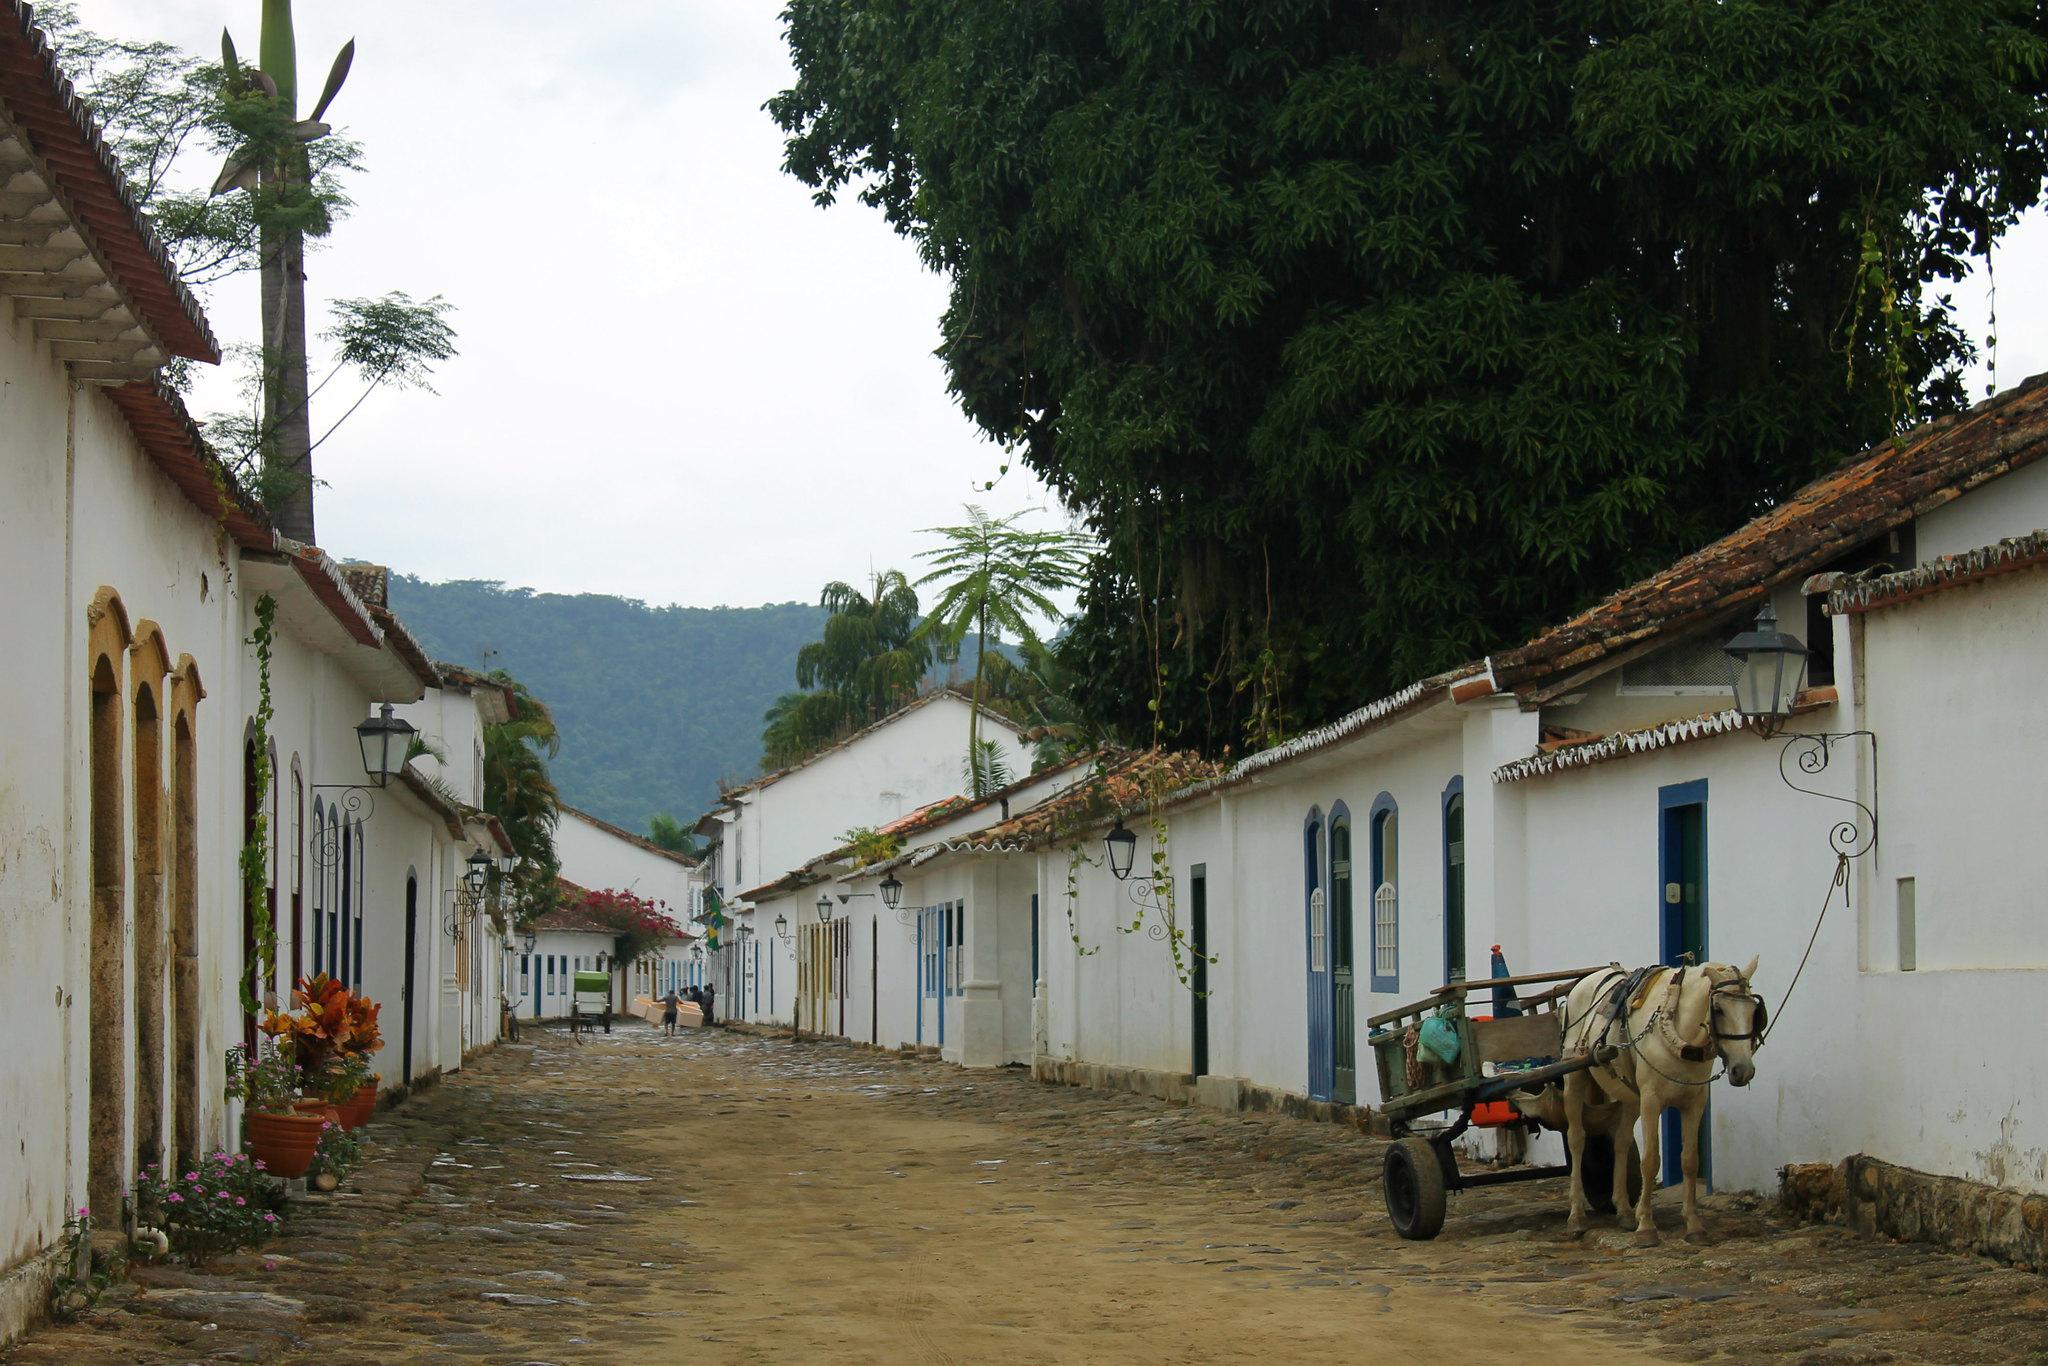 centro-historico-paraty12-charrete